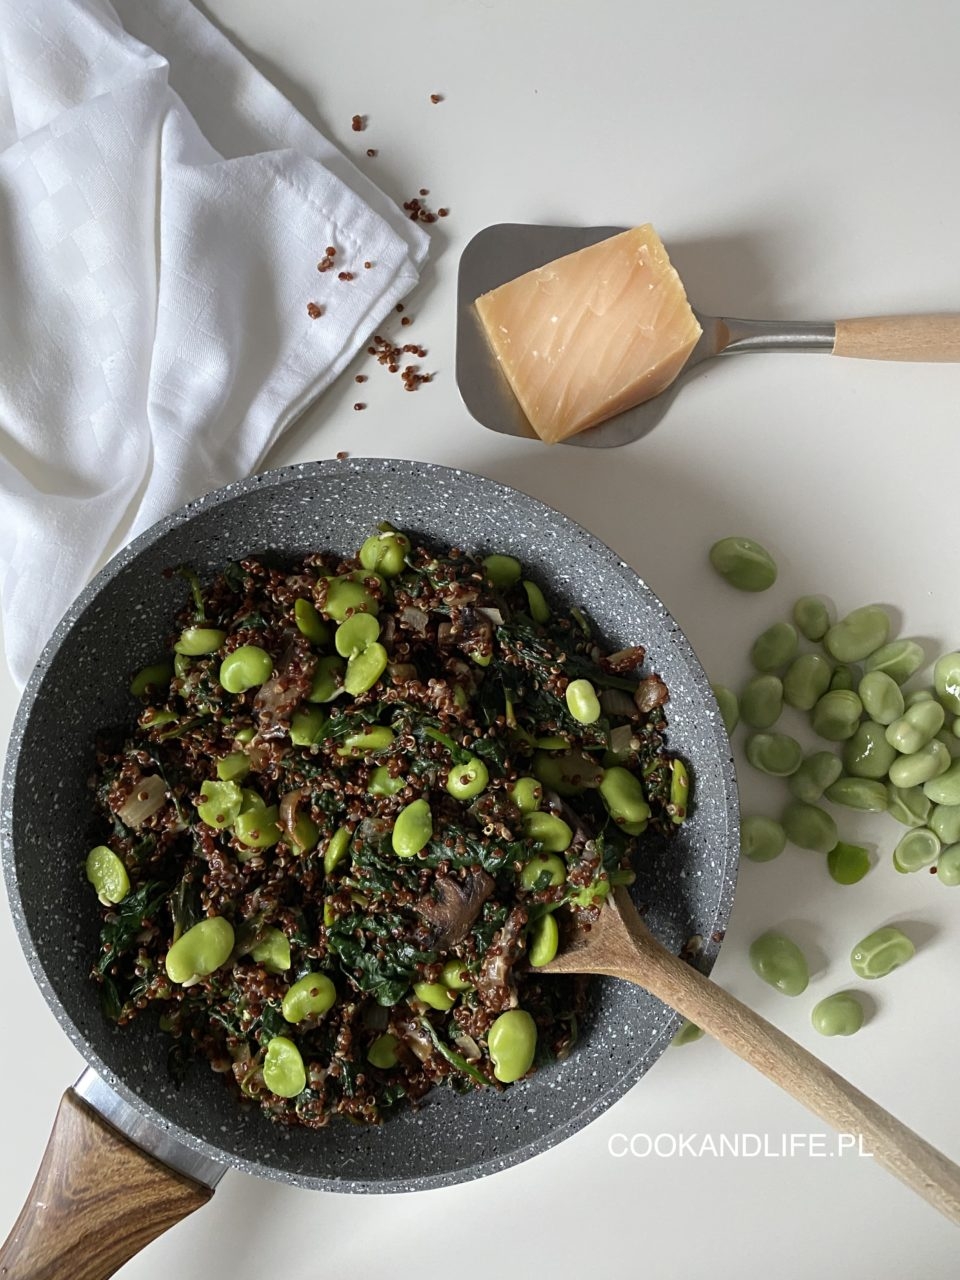 Quinotto, czyli risotto z komosy ryżowej, szpinaku i bobu